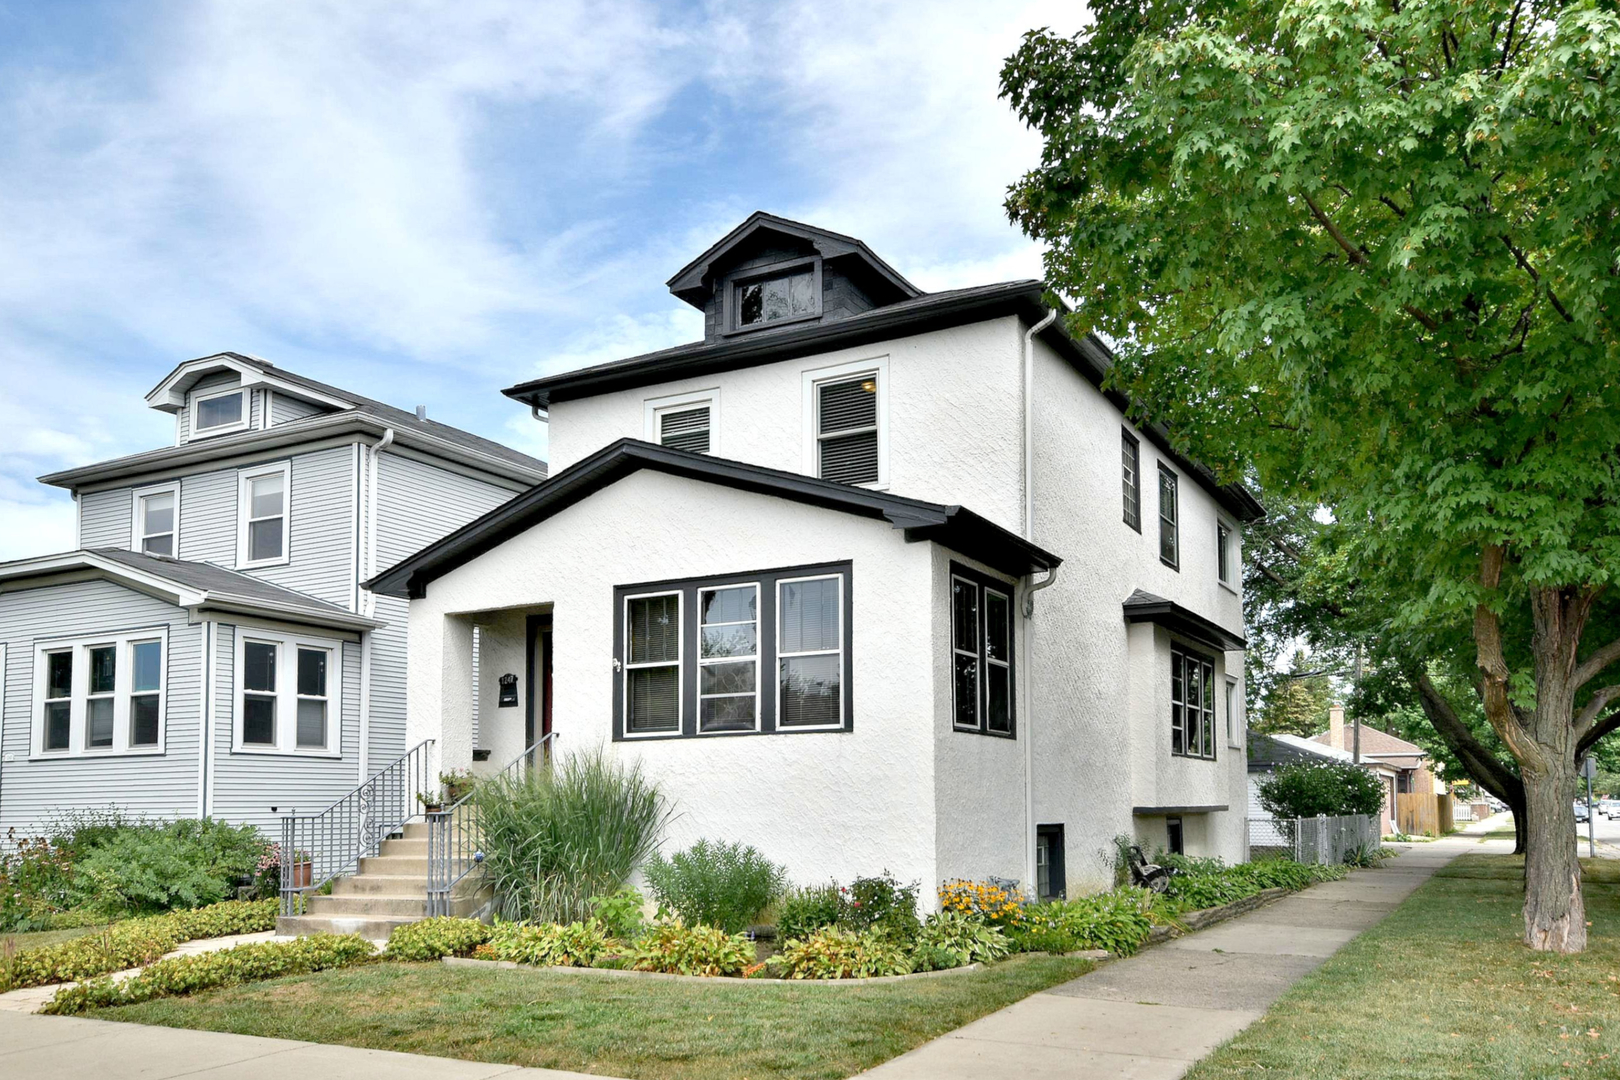 1247 Gunderson Avenue, Berwyn, Illinois 60402, 3 Bedrooms Bedrooms, ,1 BathroomBathrooms,Residential,For Sale,Gunderson,MRD11193004